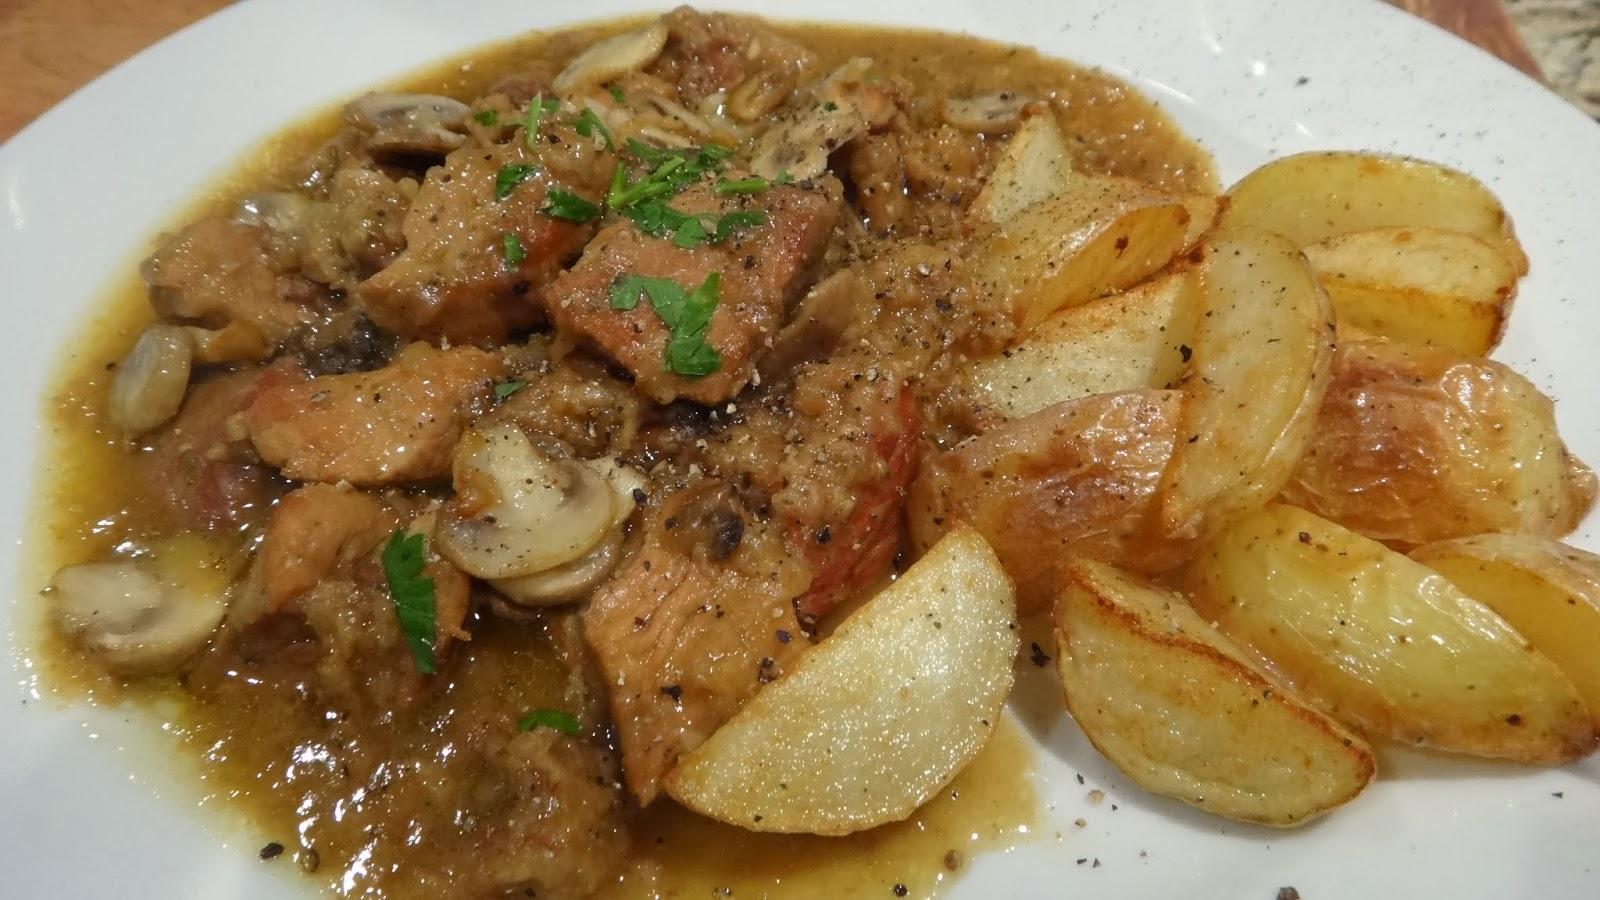 Varkens Stoofvlees – Belgian Pork Stew cooked in Beer « I WANT TO ...